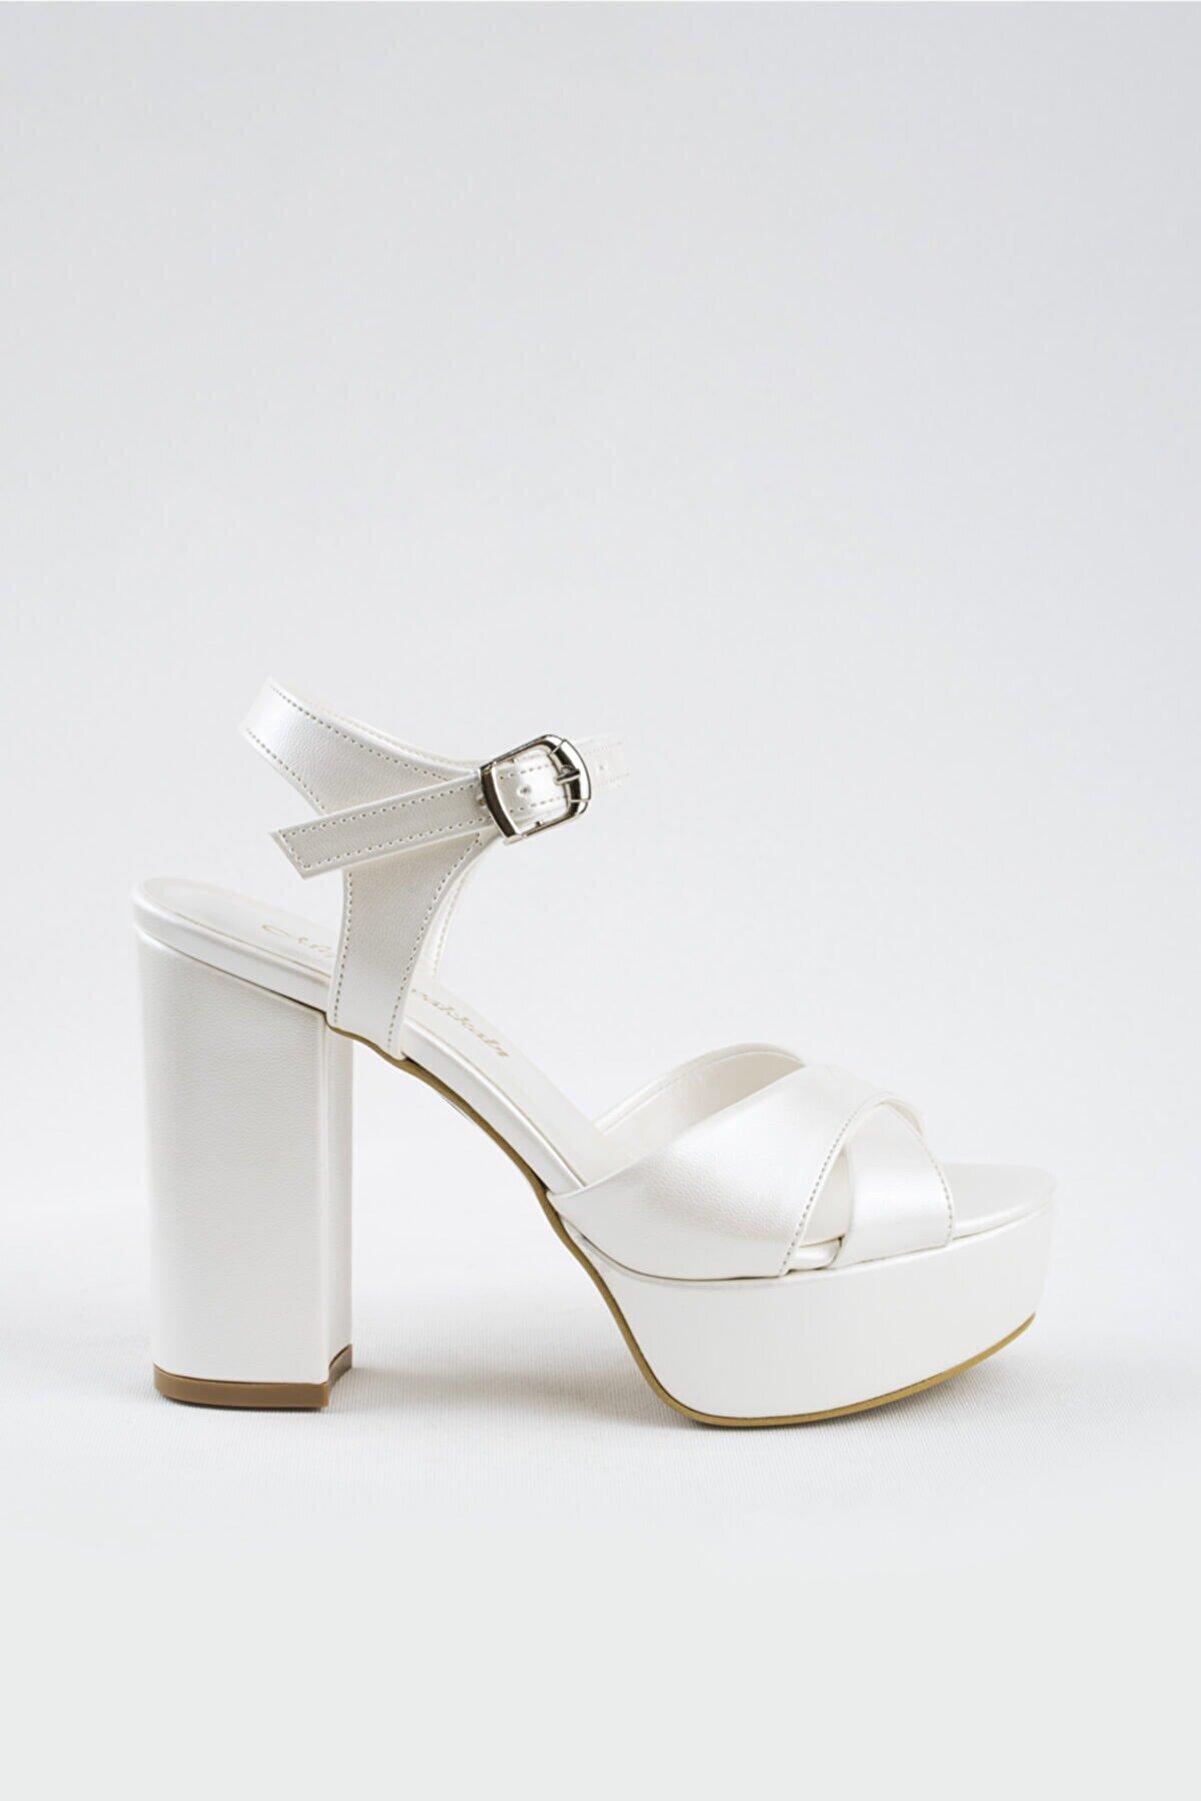 Mepa Ayakkabı Kadın Kırık Beyaz 12cm Sedef Deri Gelin Ayakkabısı